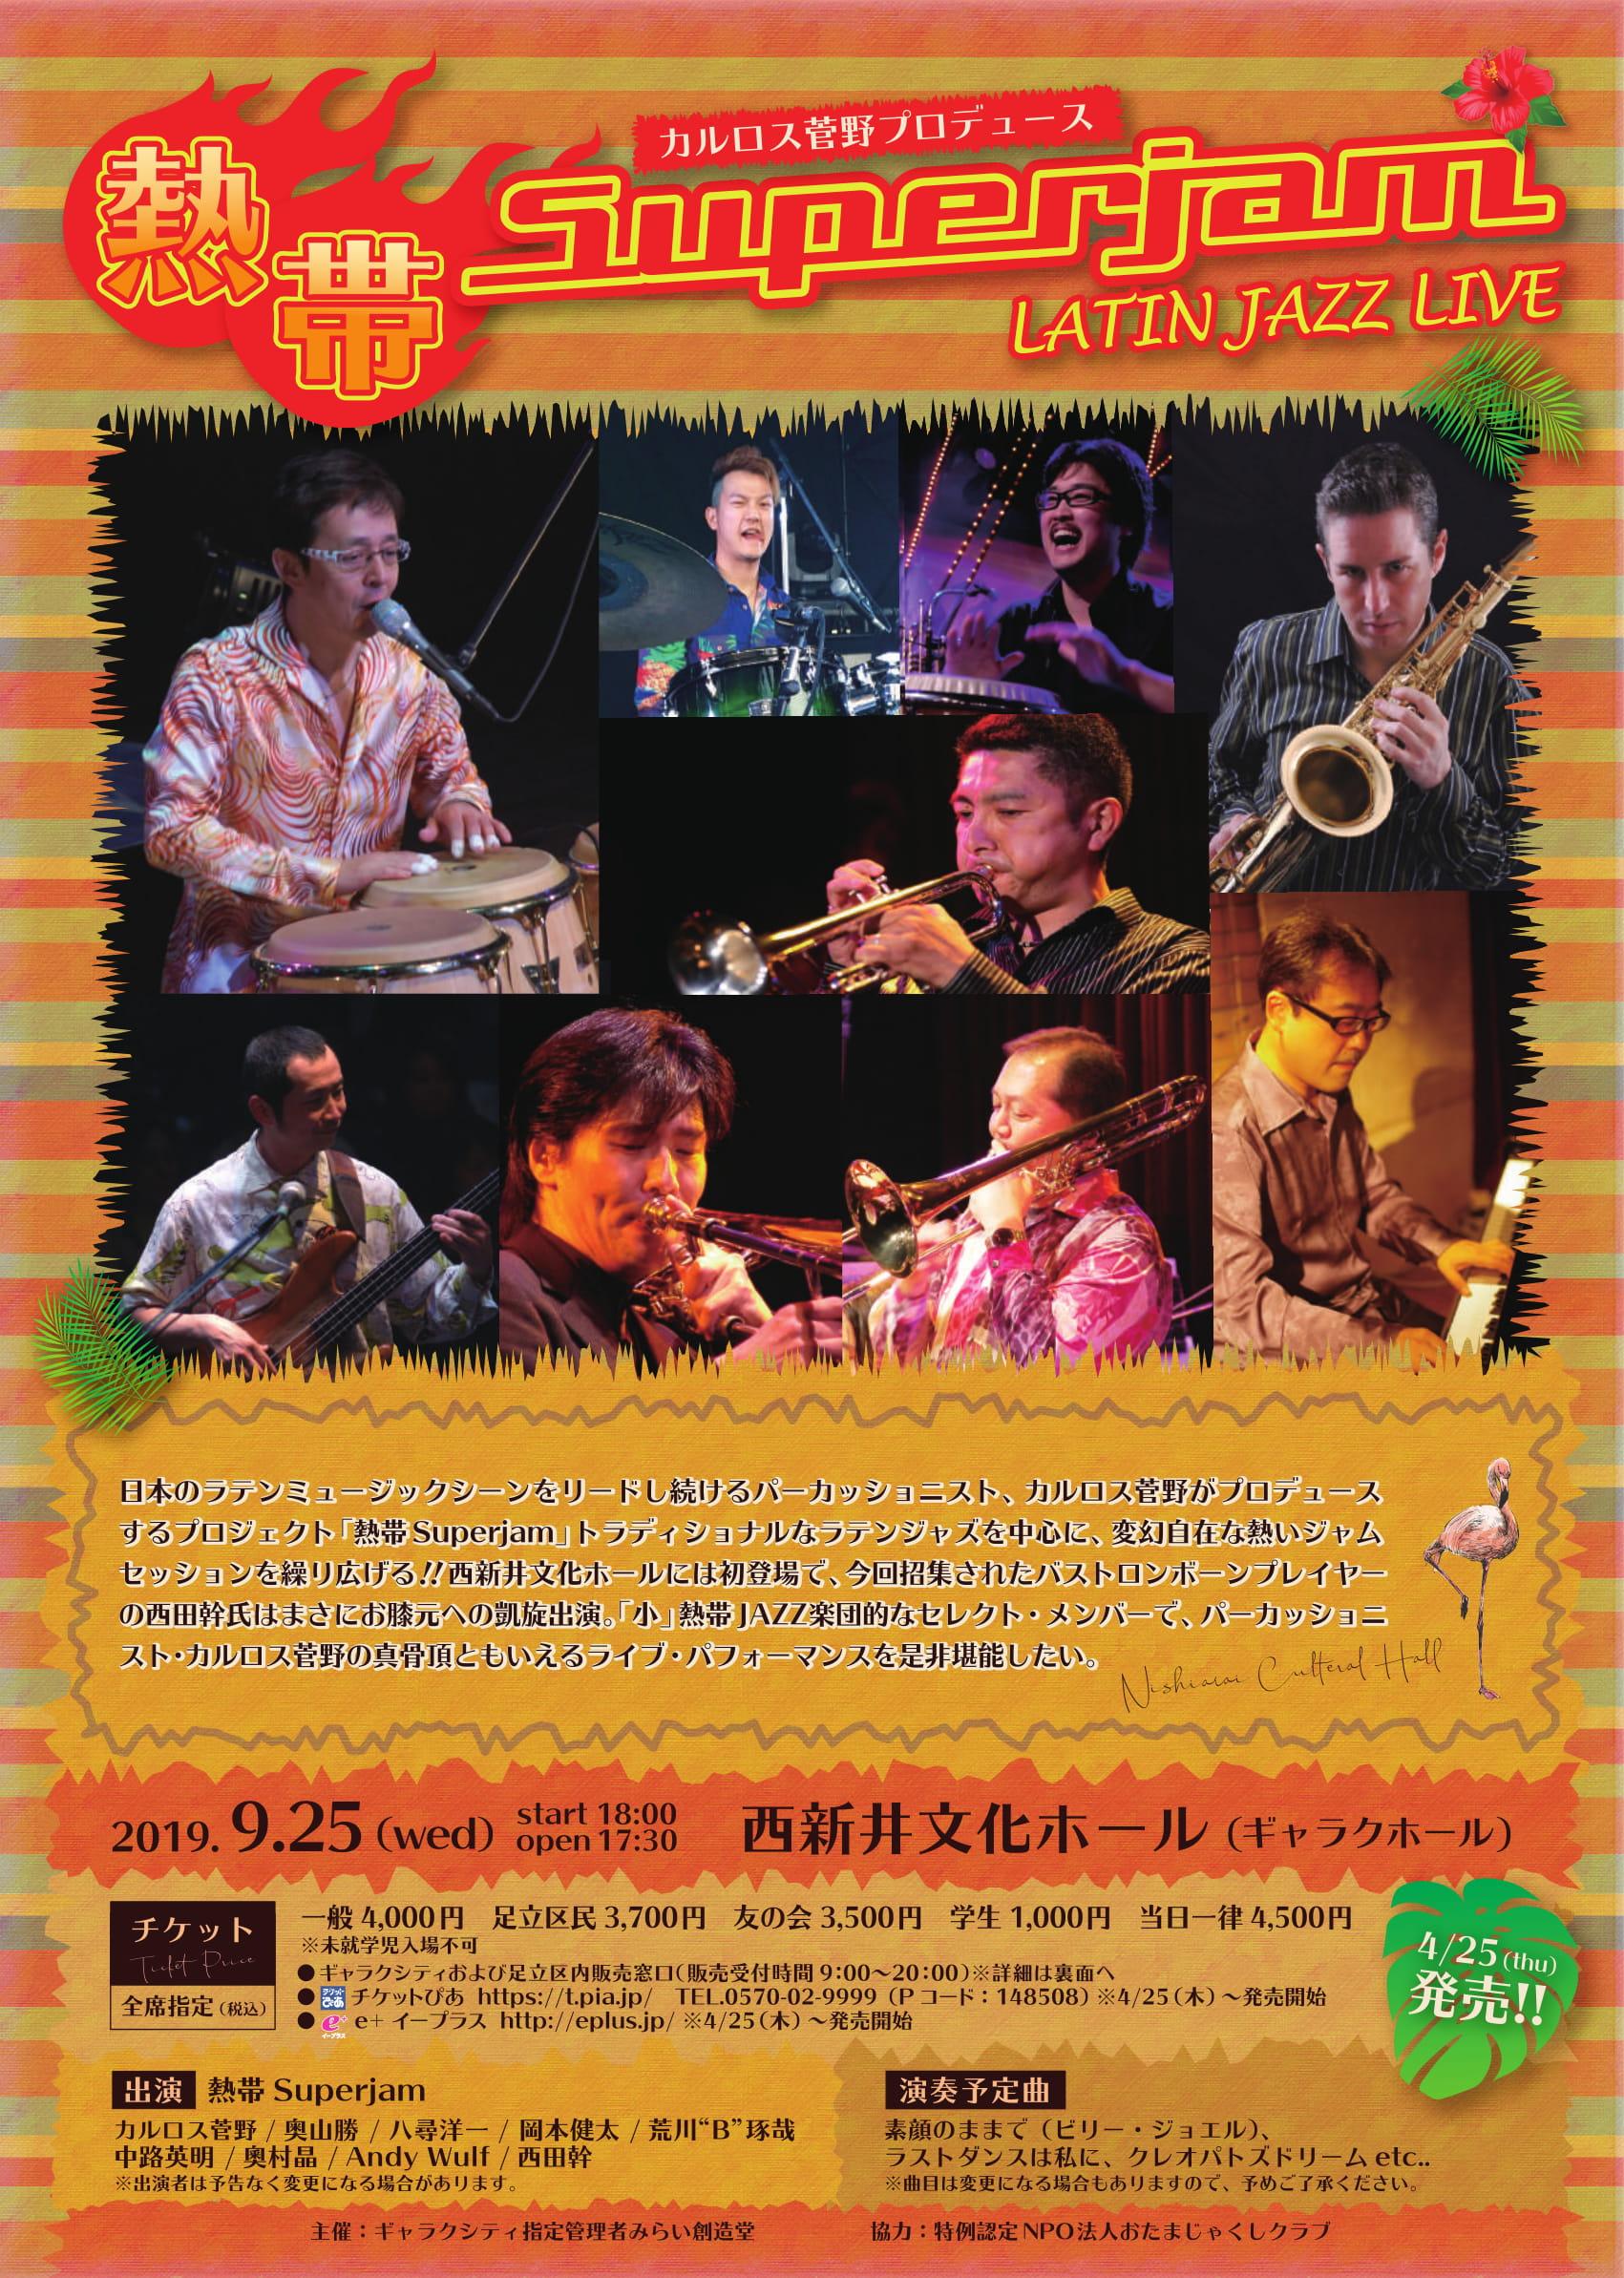 カルロス菅野プロデュース 熱帯Superjam LATIN JAZZ LIVE